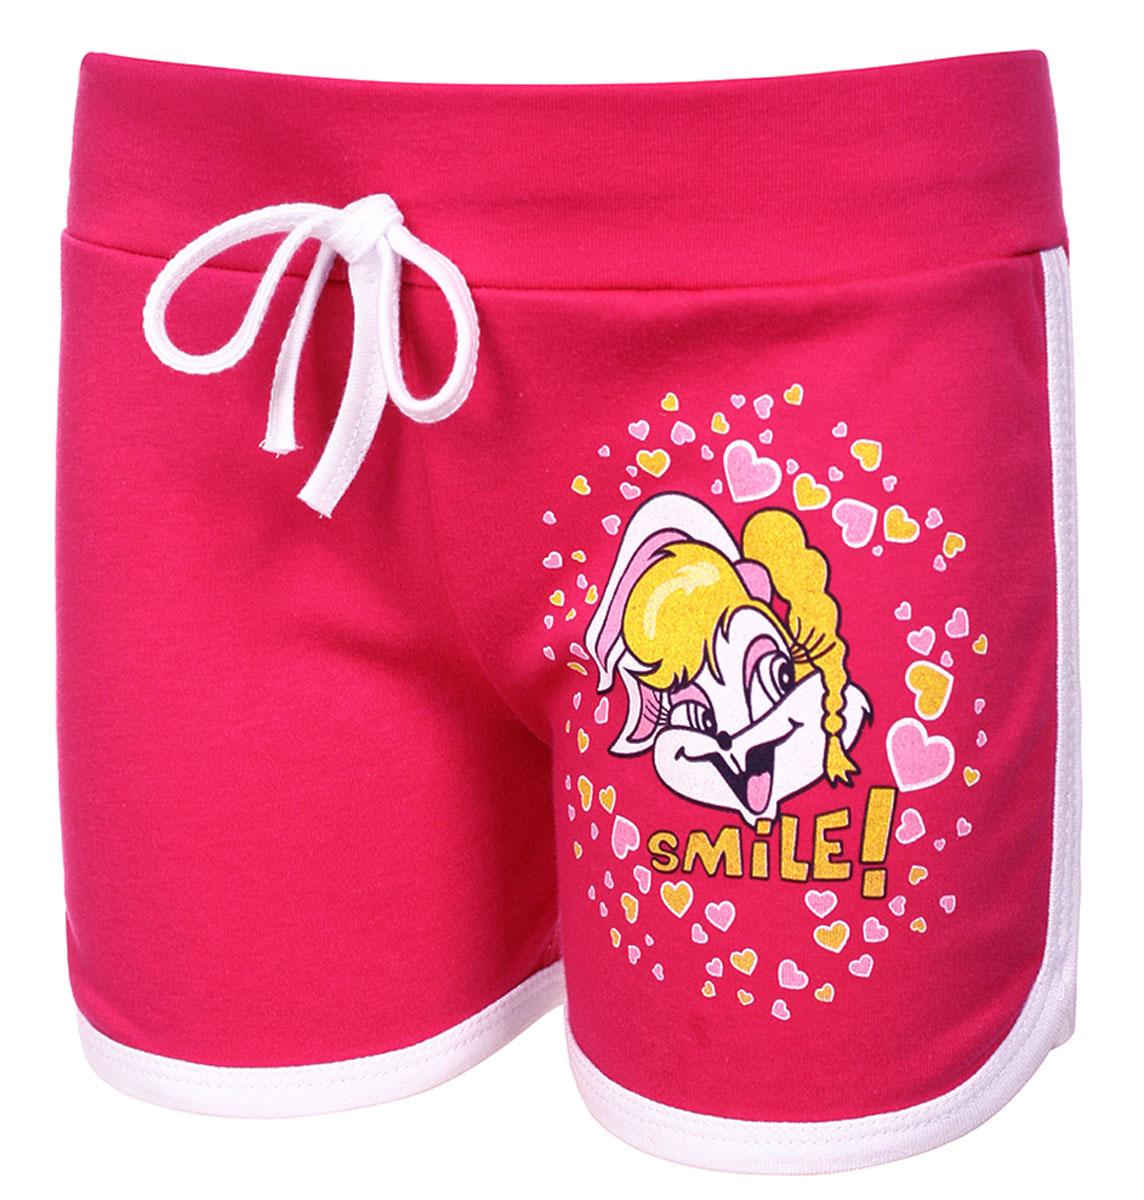 Шорты для девочки M&D, цвет: малиновый. М37006. Размер 122М37006Шорты для девочки от M&D выполнены из натурального хлопка. Эластичные пояс на талии дополнен затягивающимся шнурком.